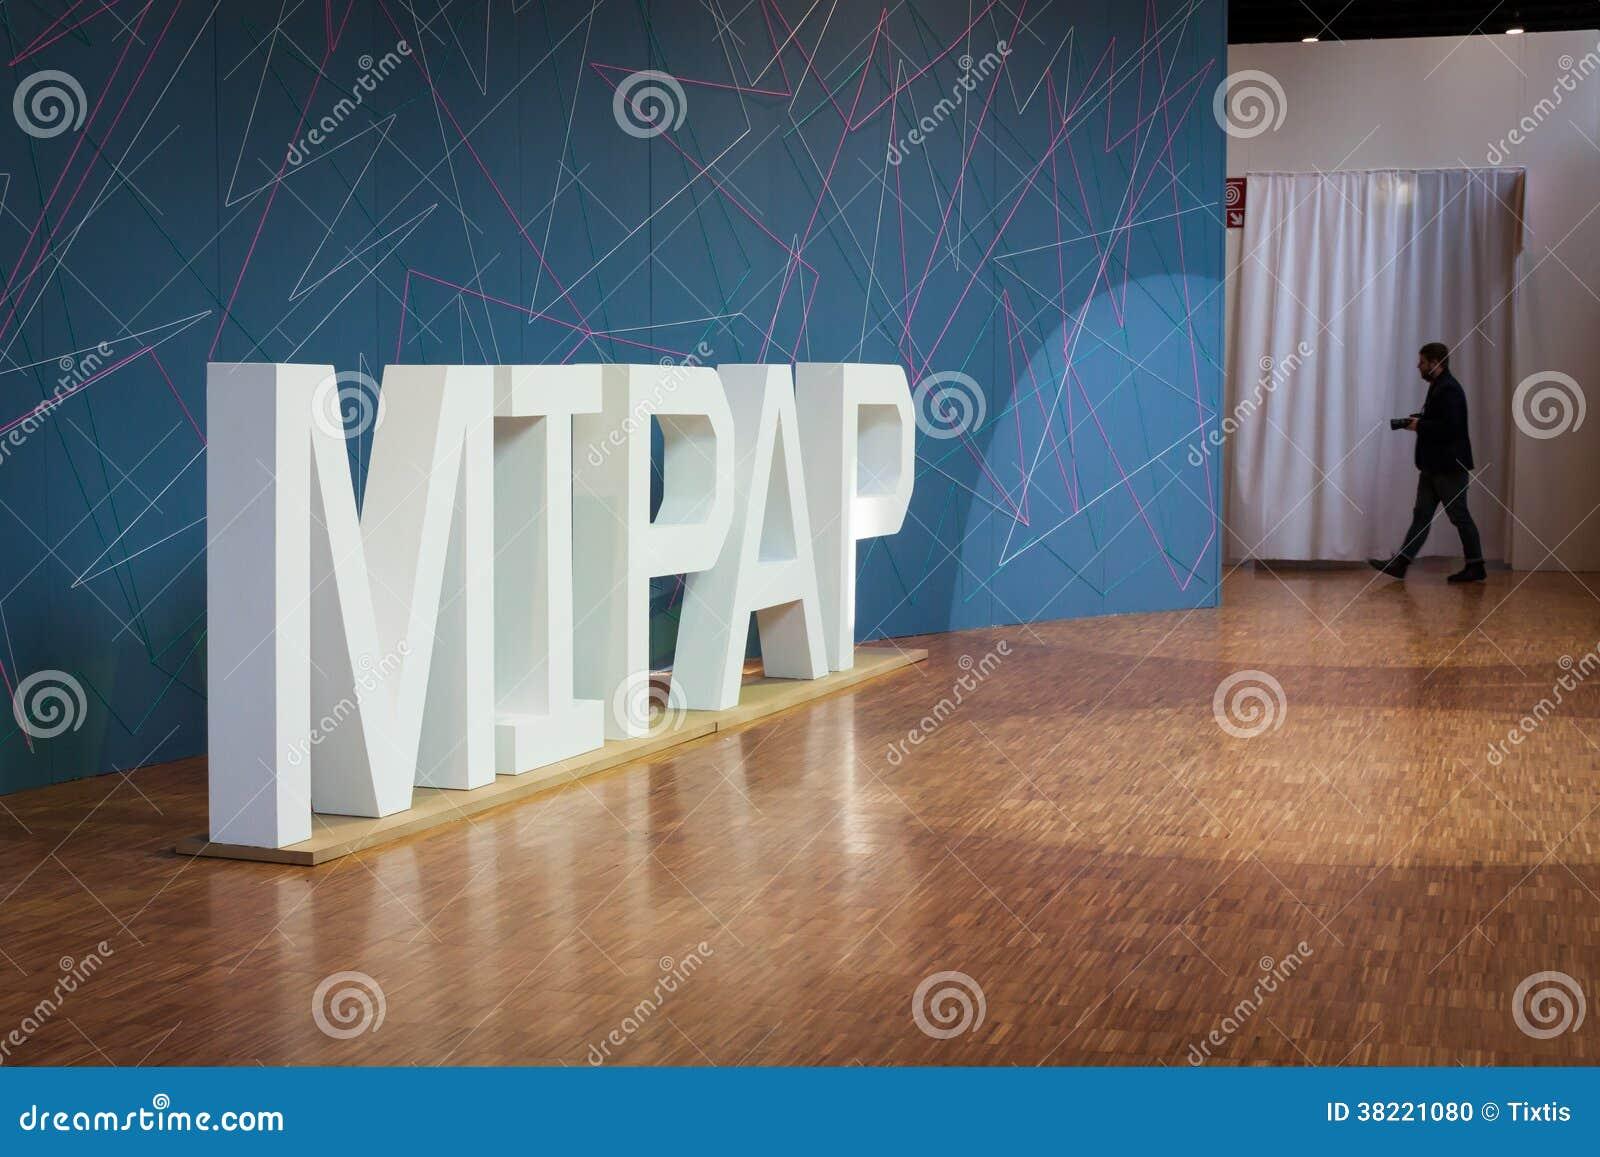 Entrance Trade Show Plexi : Entrance at mipap trade show in milan italy editorial